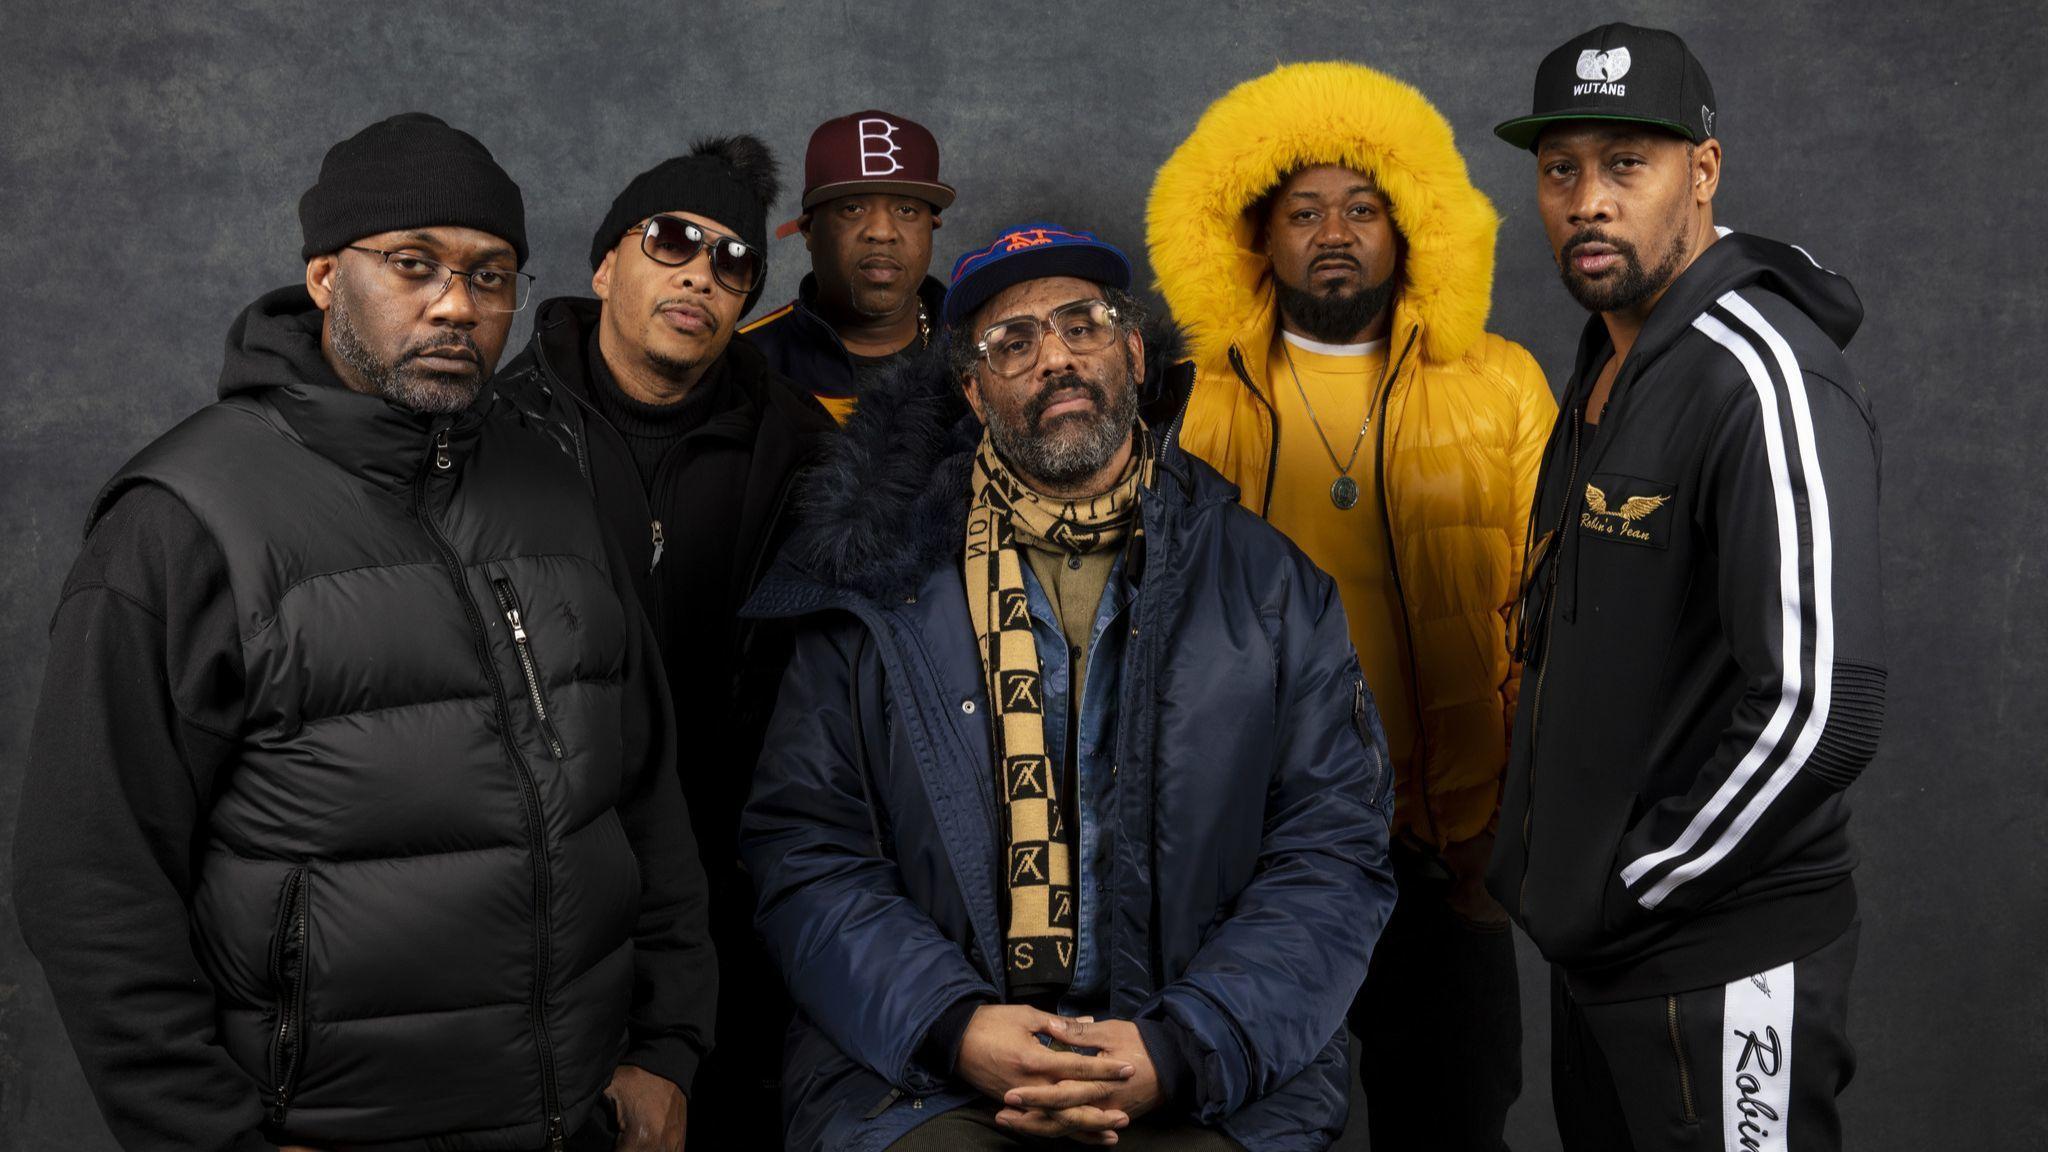 Wu-Tang at Sundance